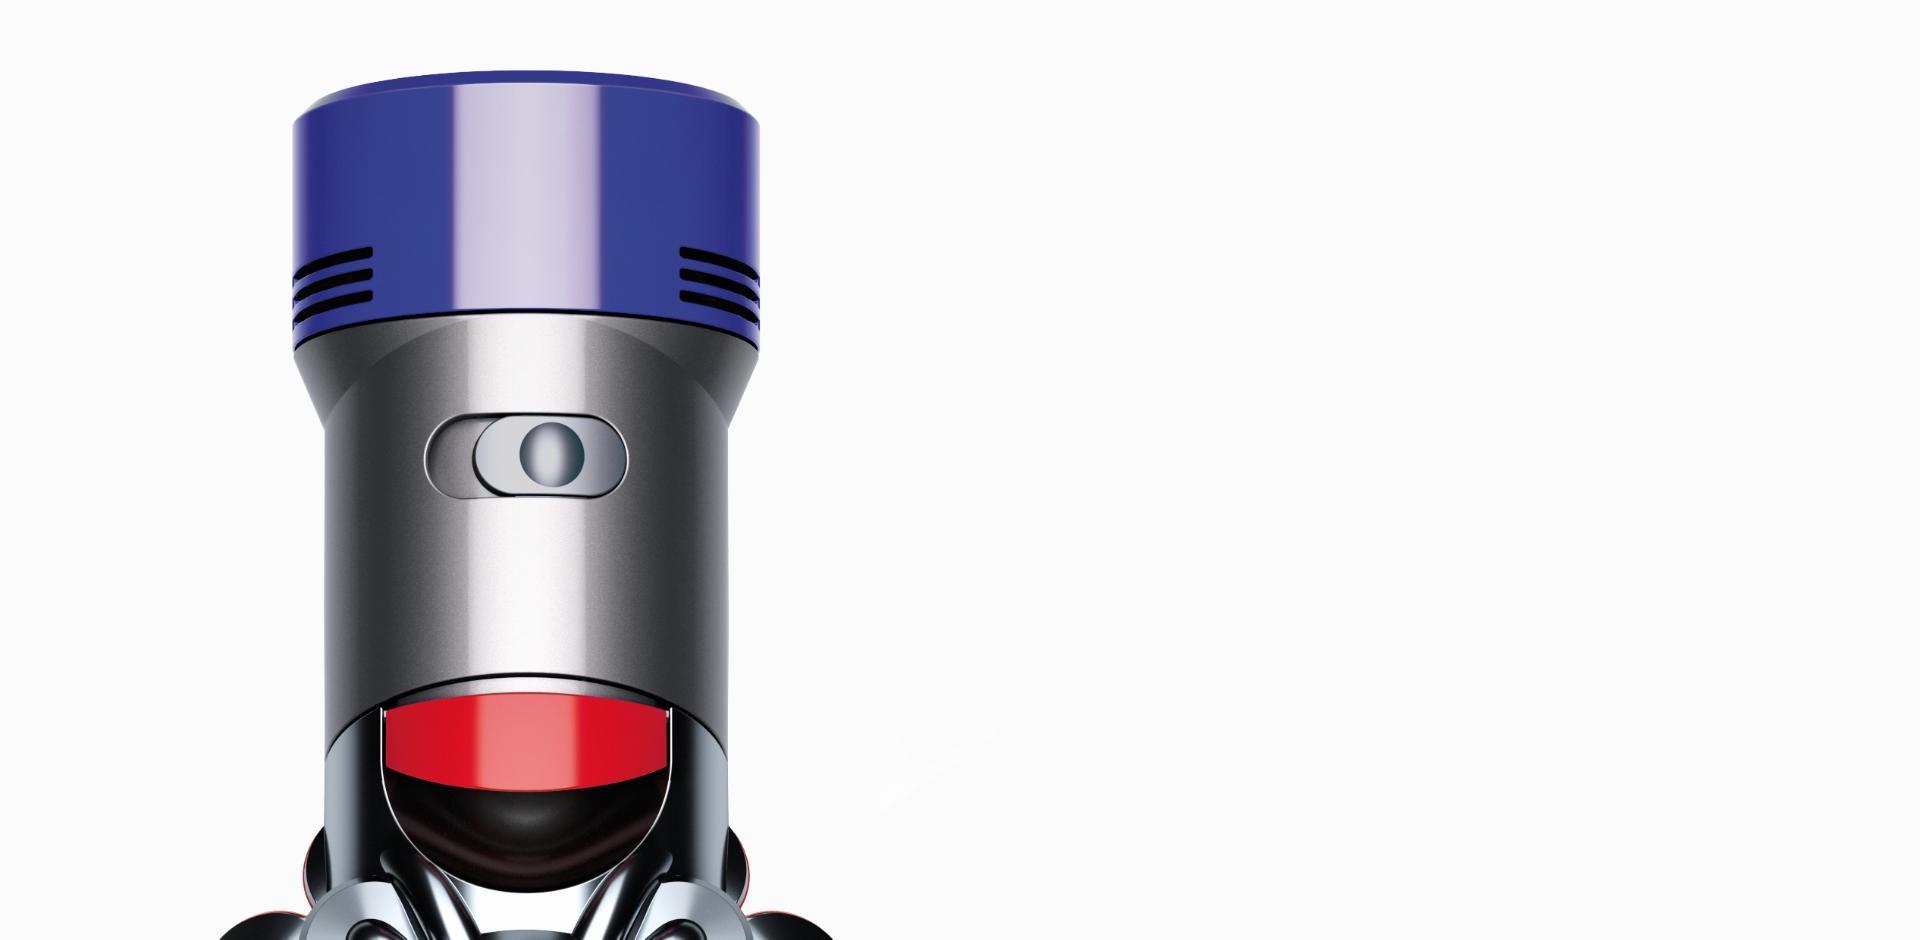 Prim-plan cu cele două moduri de putere ale aspiratorului fără fir Dyson V8